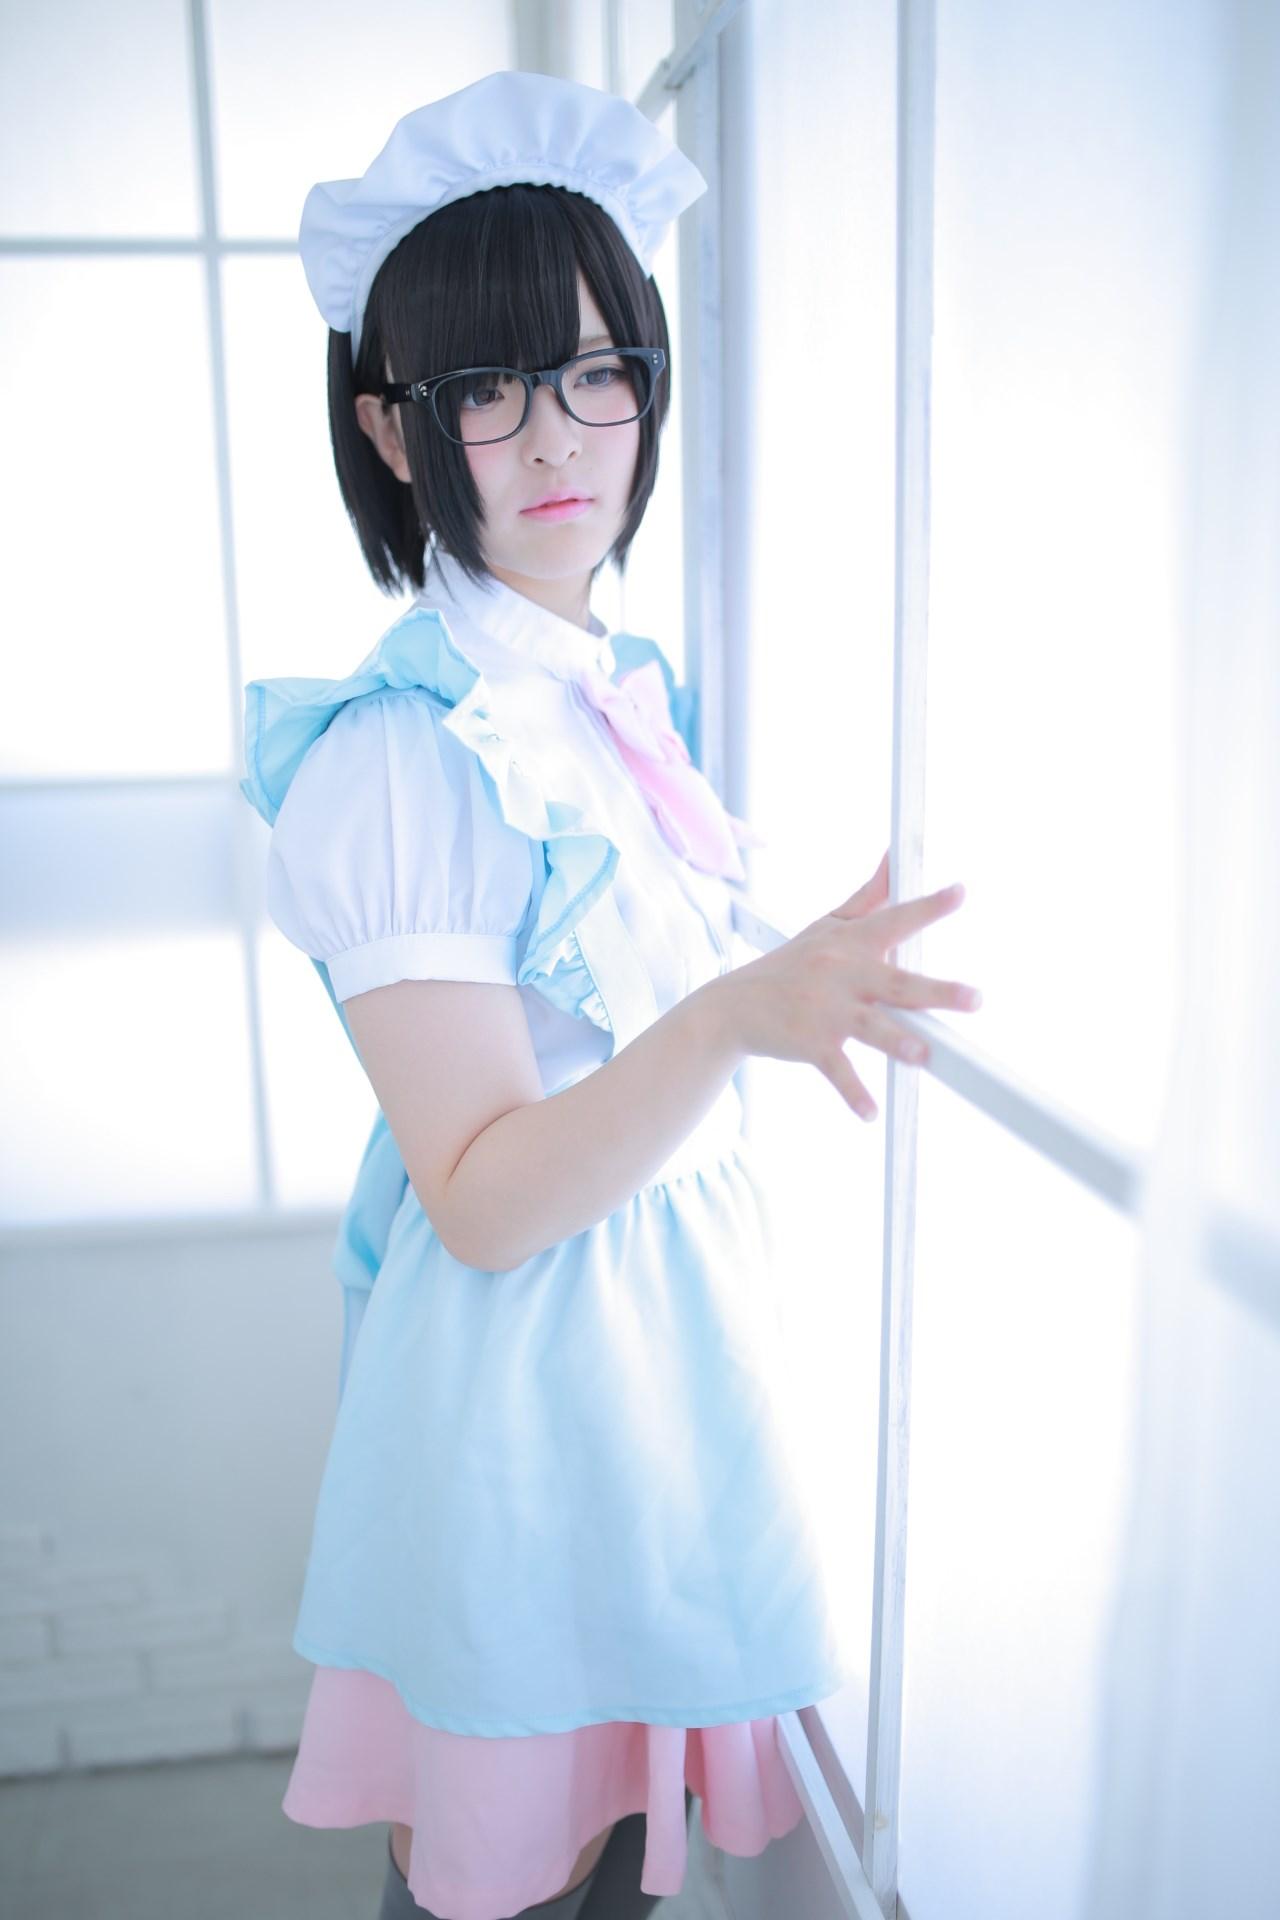 【兔玩映画】眼镜女仆 兔玩映画 第58张